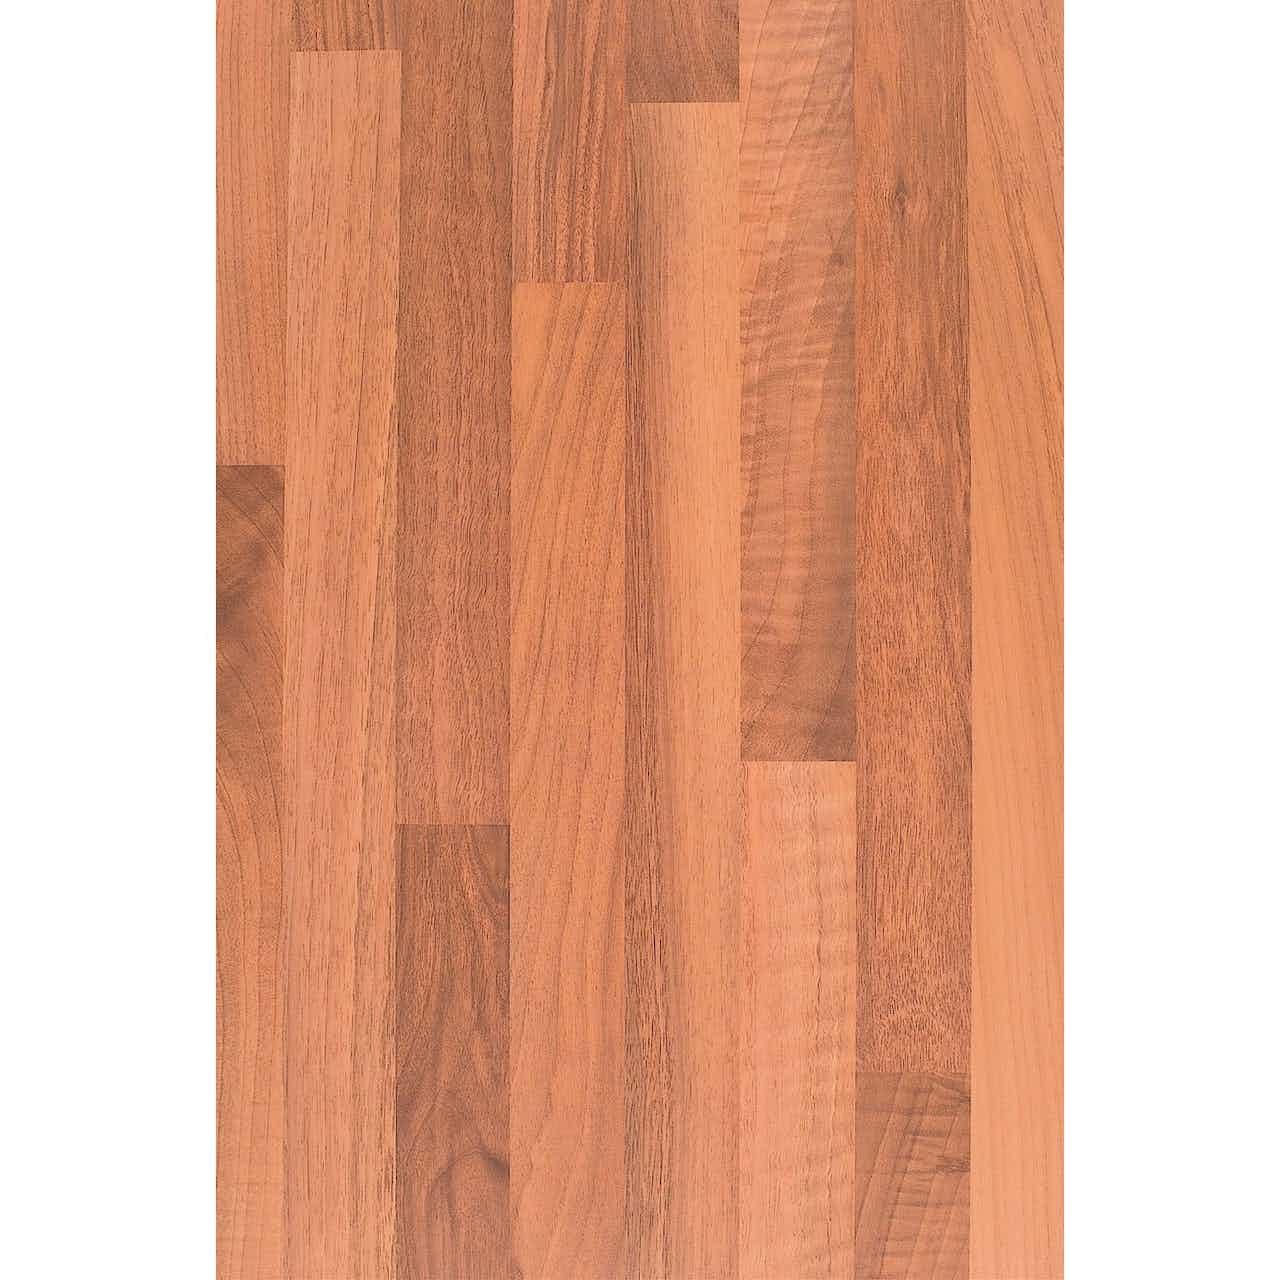 Mehrzweckplatte 260 cm x 60 cm x 2,8 cm Nussbaum Holznachbildung